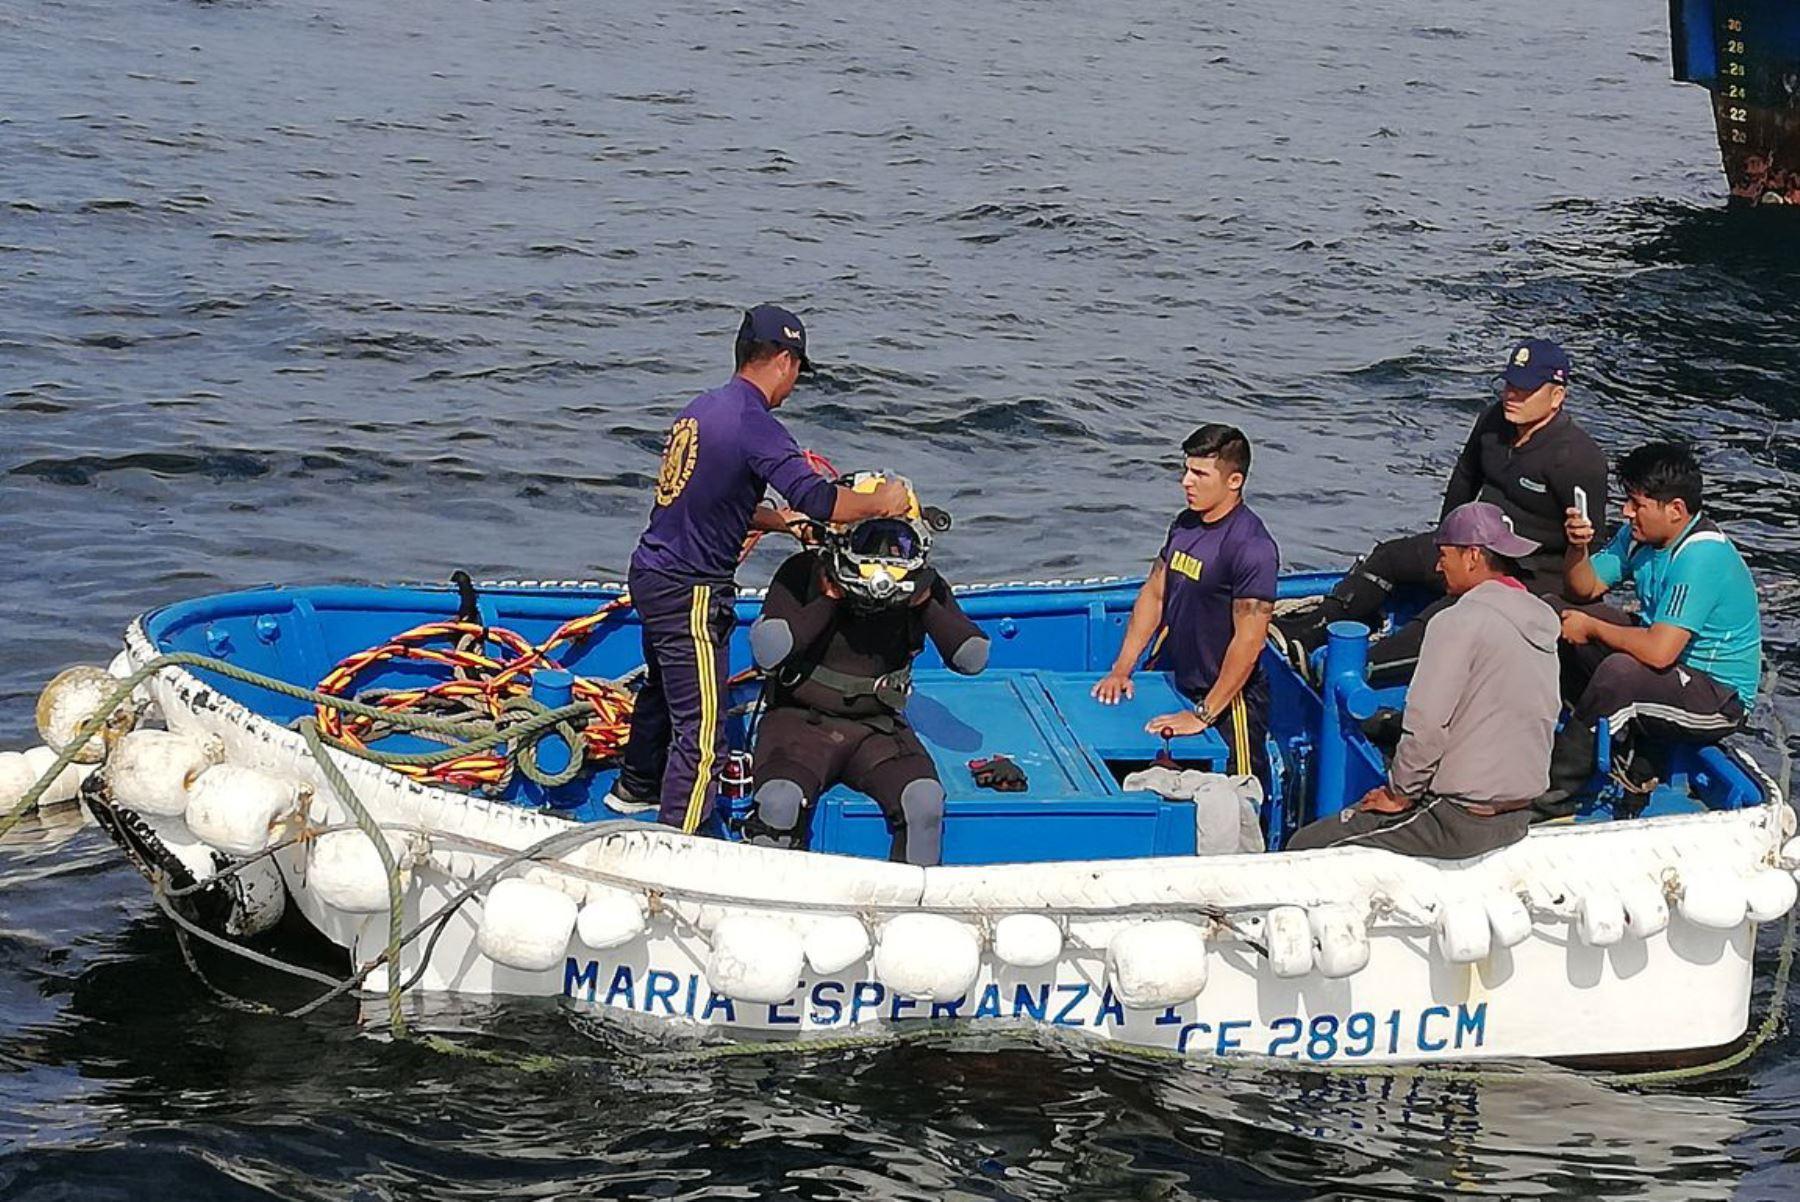 Ocho pescadores desaparecen tras choque de embarcaciones en altamar — Áncash